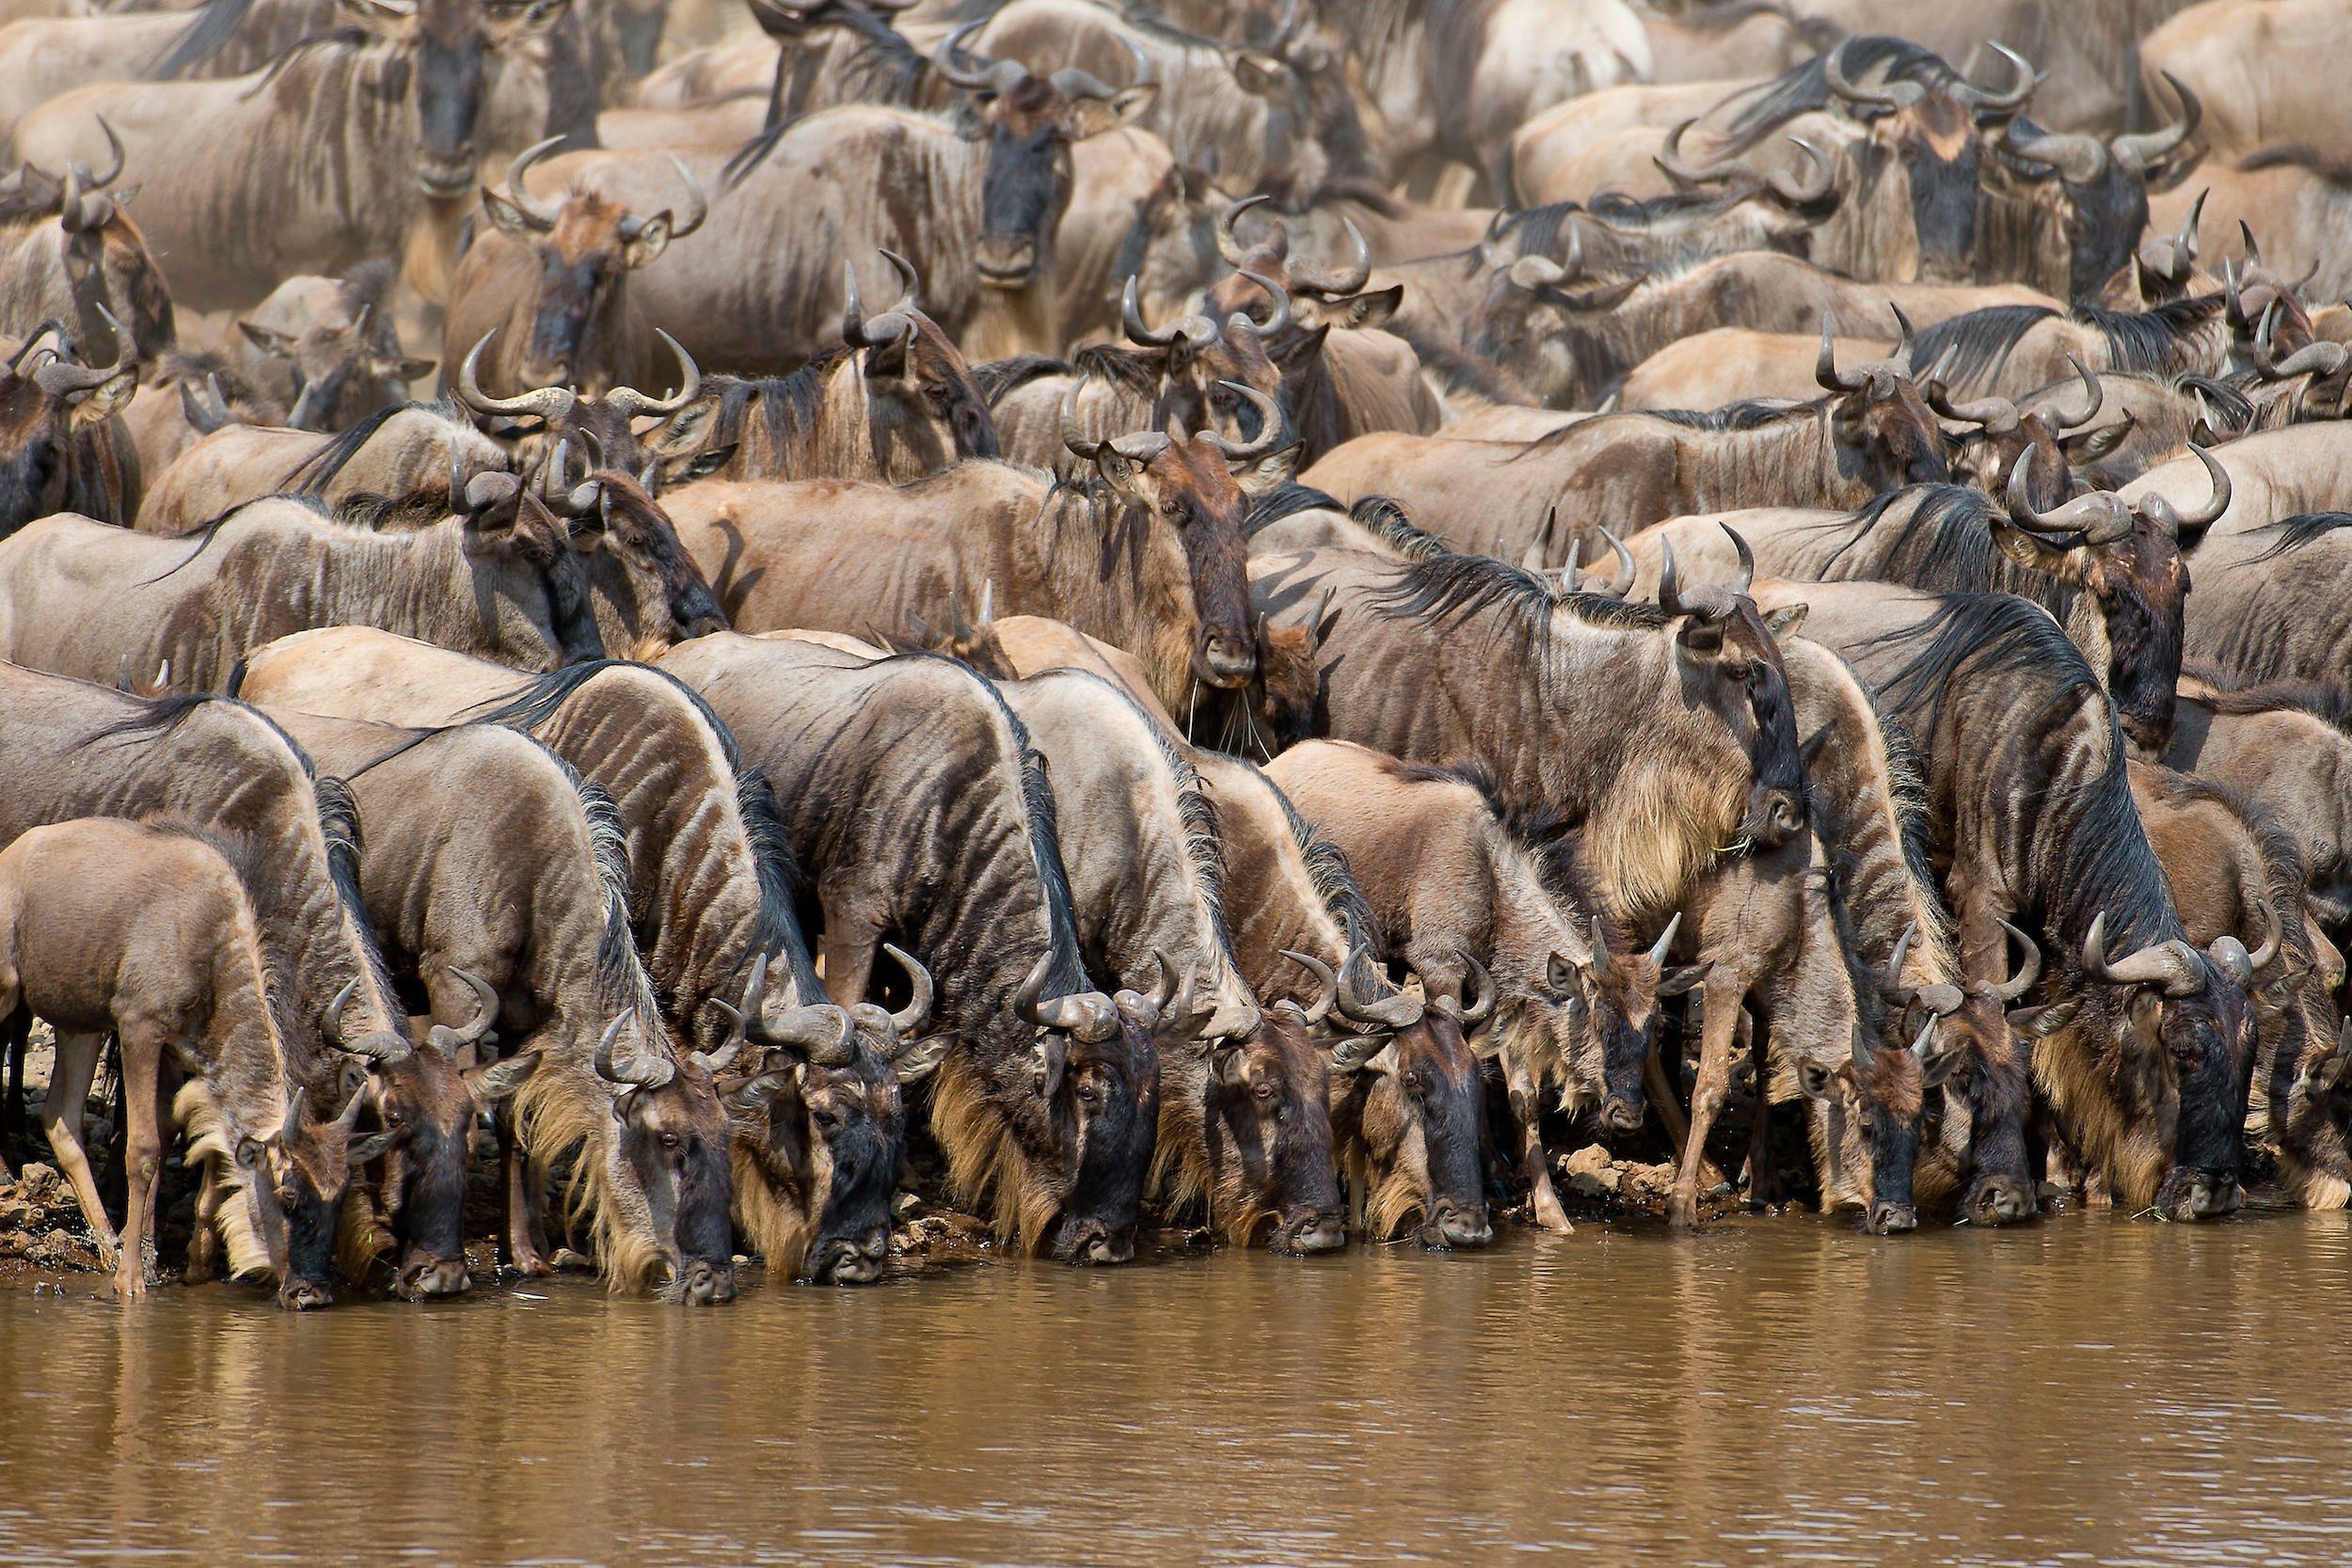 Dicht gedrängt stehen etliche Gnus, die Köpfe in den Mara-Fluss gesenkt, um zu trinken.